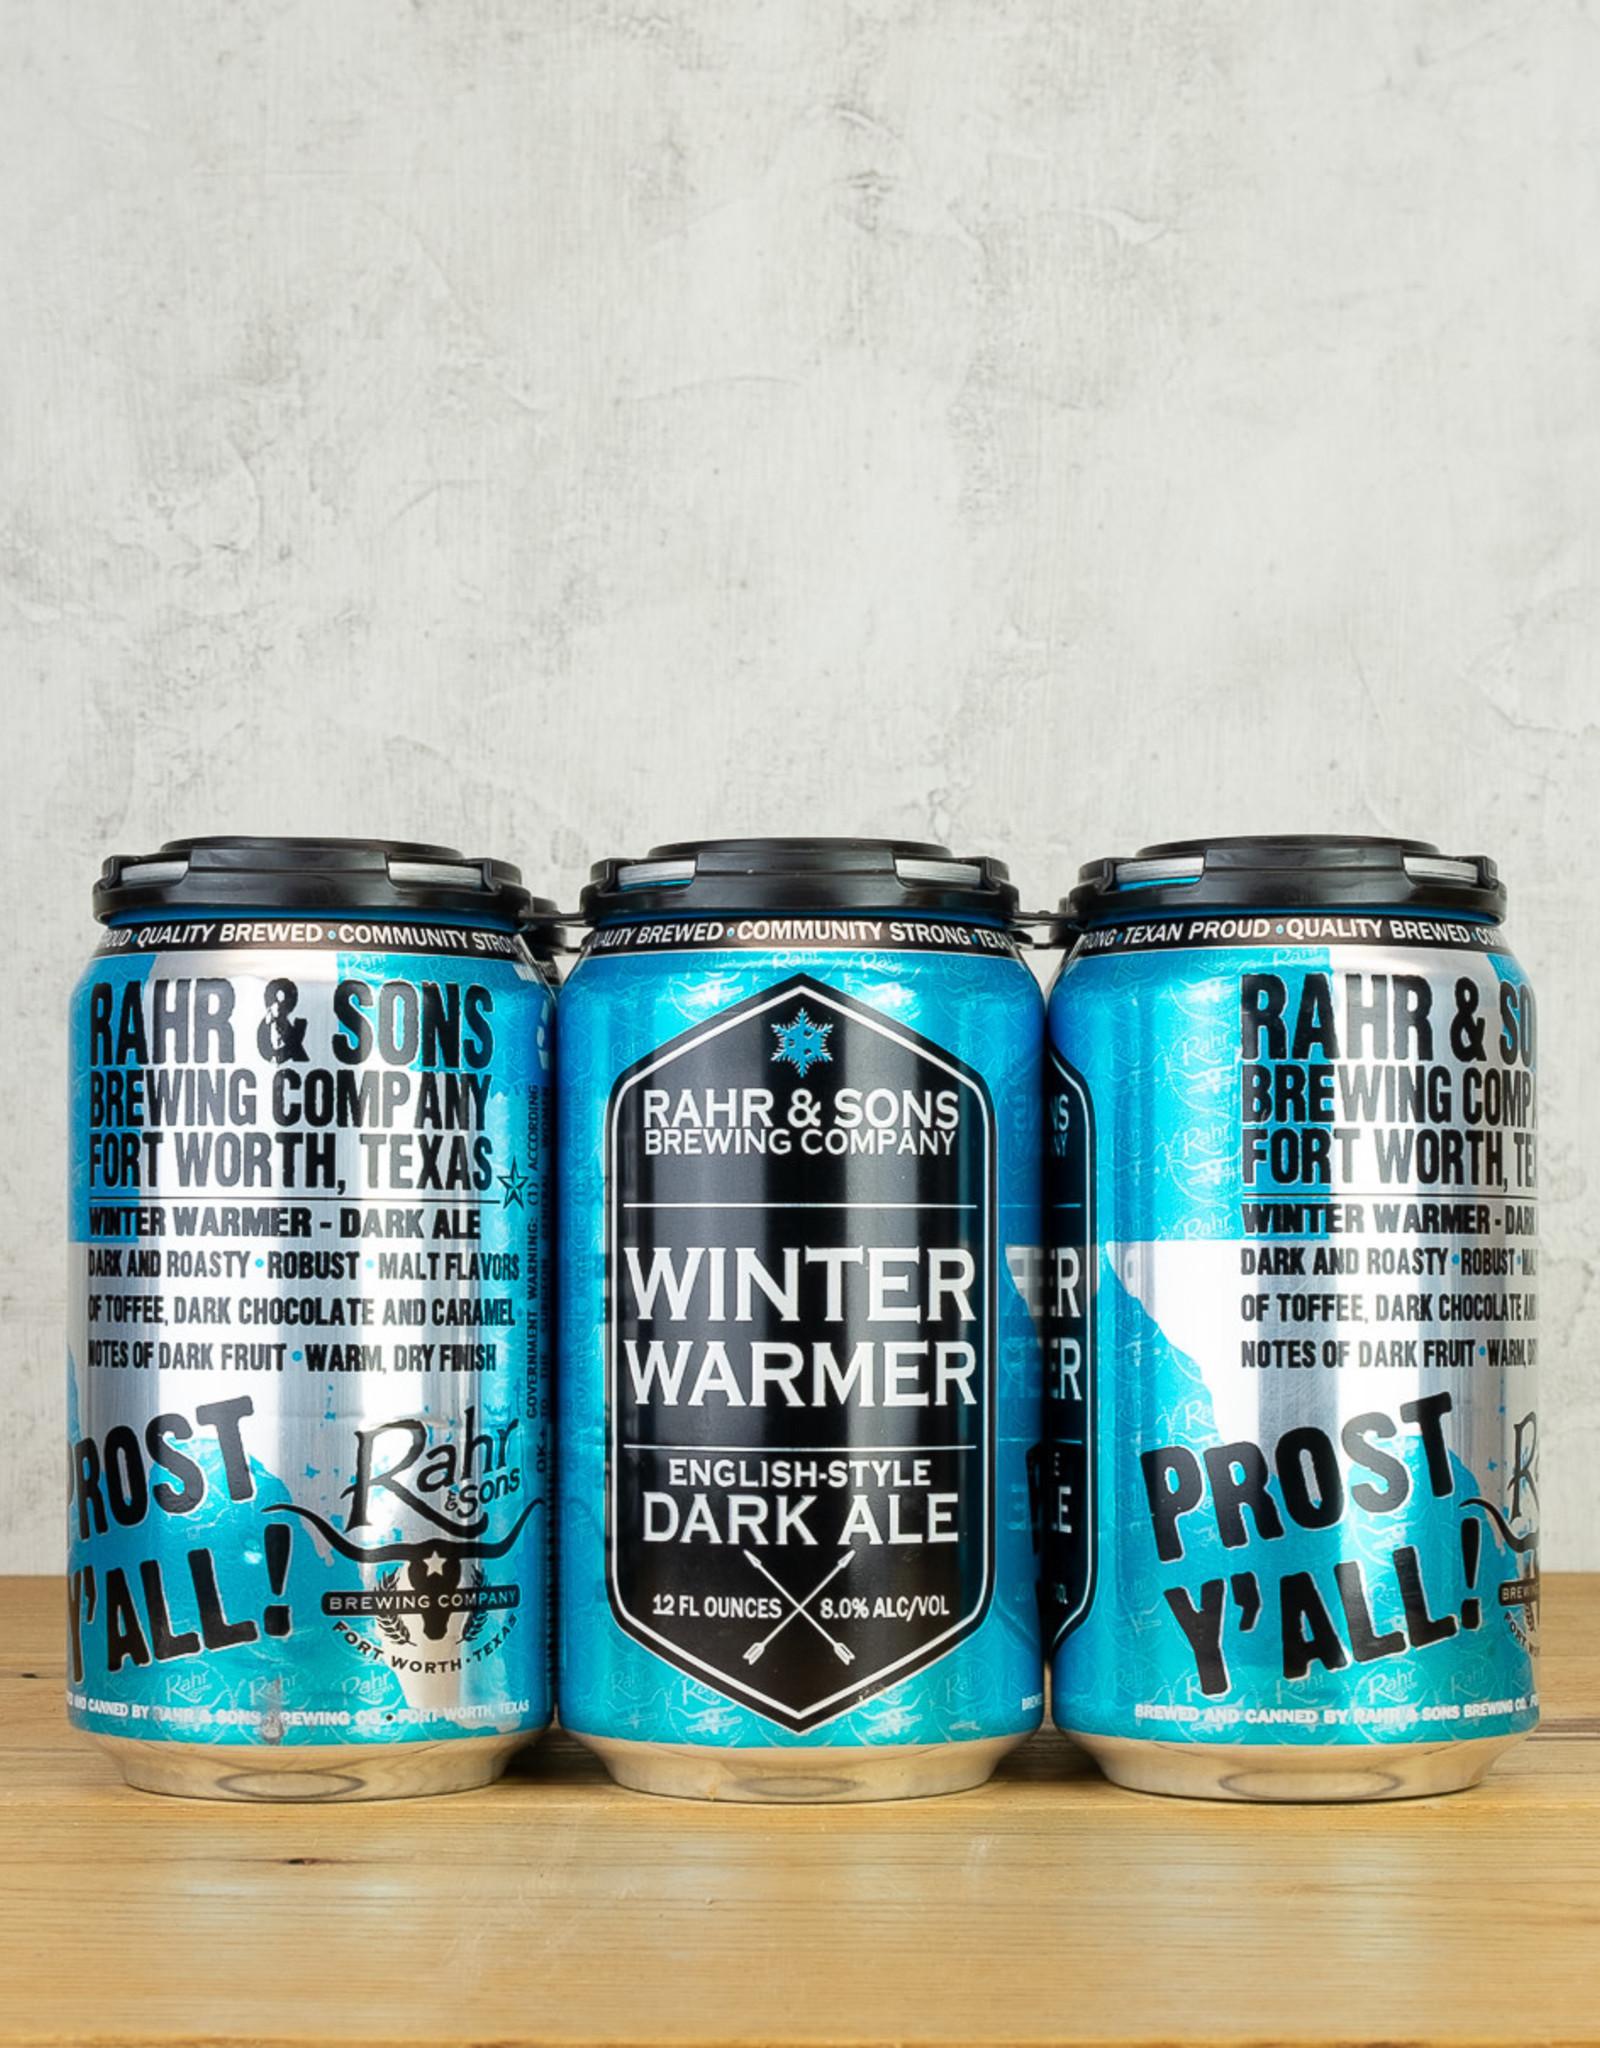 Rahr & Sons Winter Warmer Dark Ale 6pk